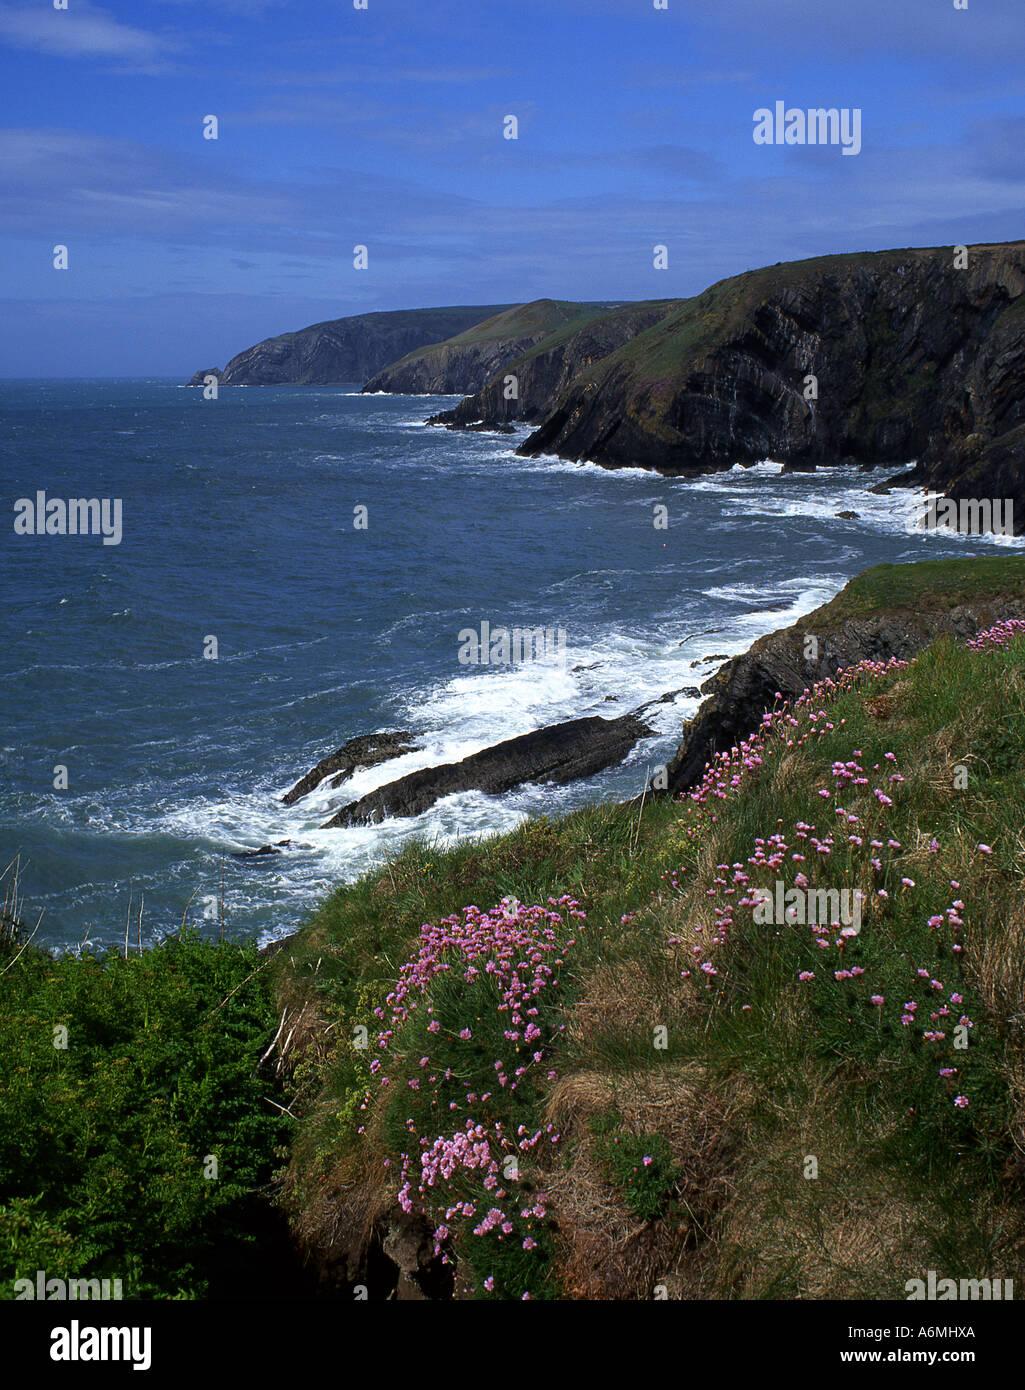 Ceibwr Bay Near Moylegrove Rocky wild coastal scenery with stormy sea Pembrokeshire West Wales UK - Stock Image